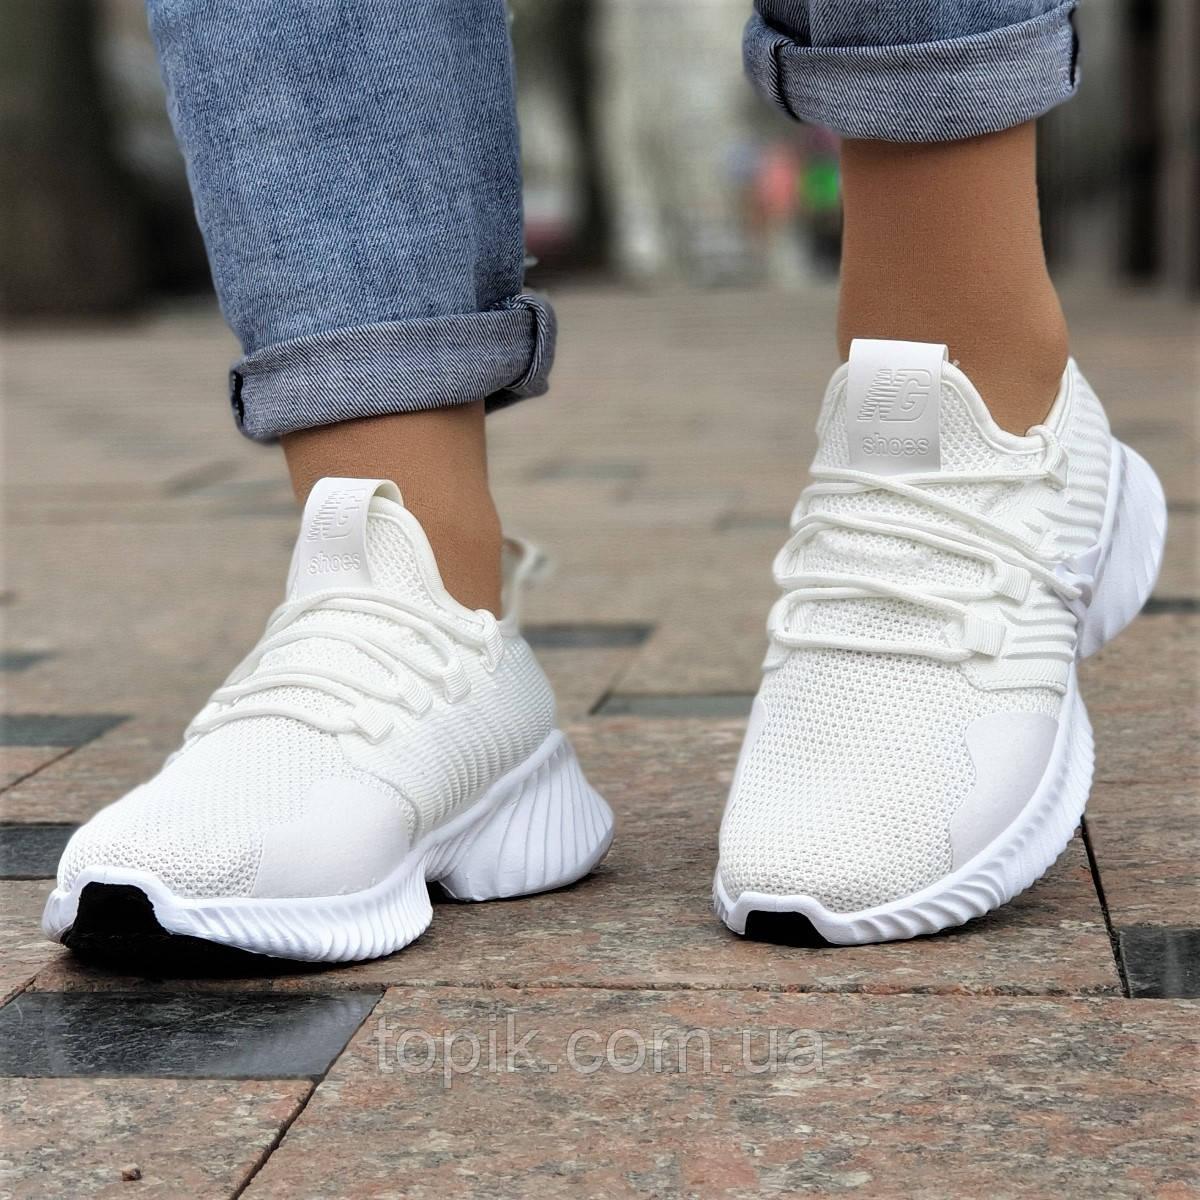 Женские белые кроссовки летние Alphabounce Instinct, на толстой подошве (Код: 1419а)